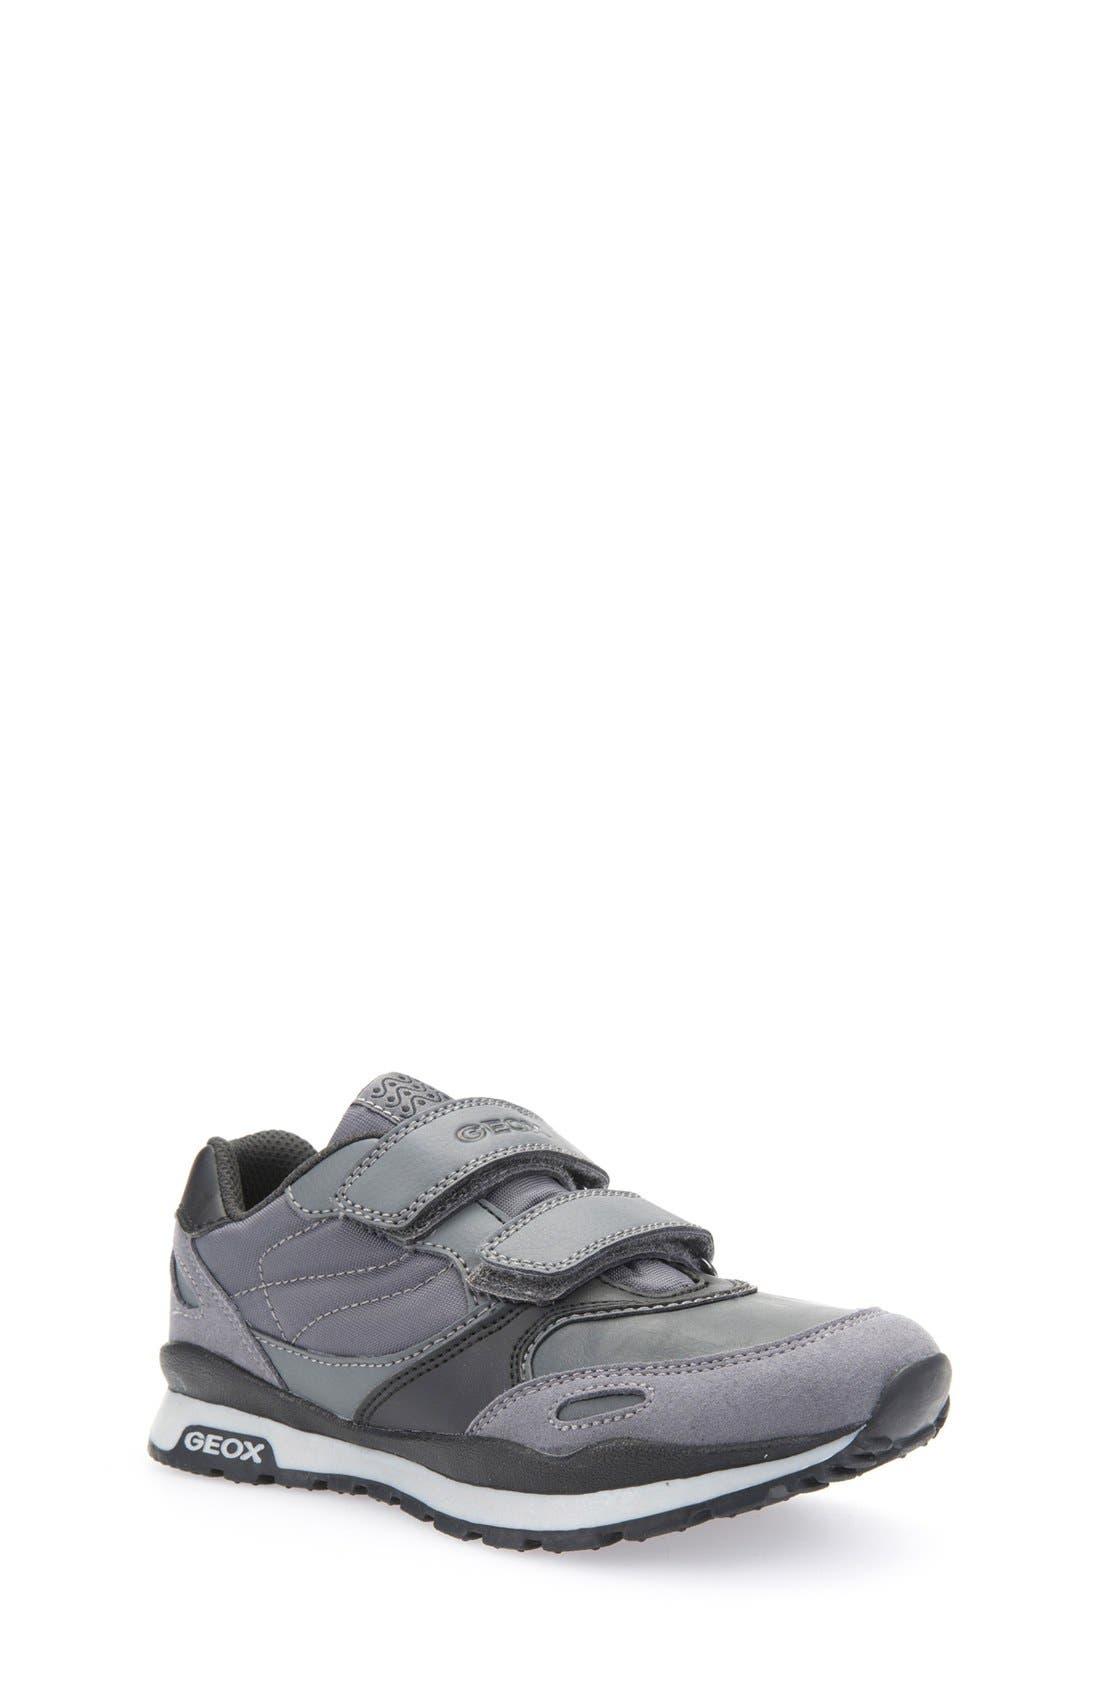 Pavel Sneaker,                             Main thumbnail 1, color,                             Dark Grey/ Black